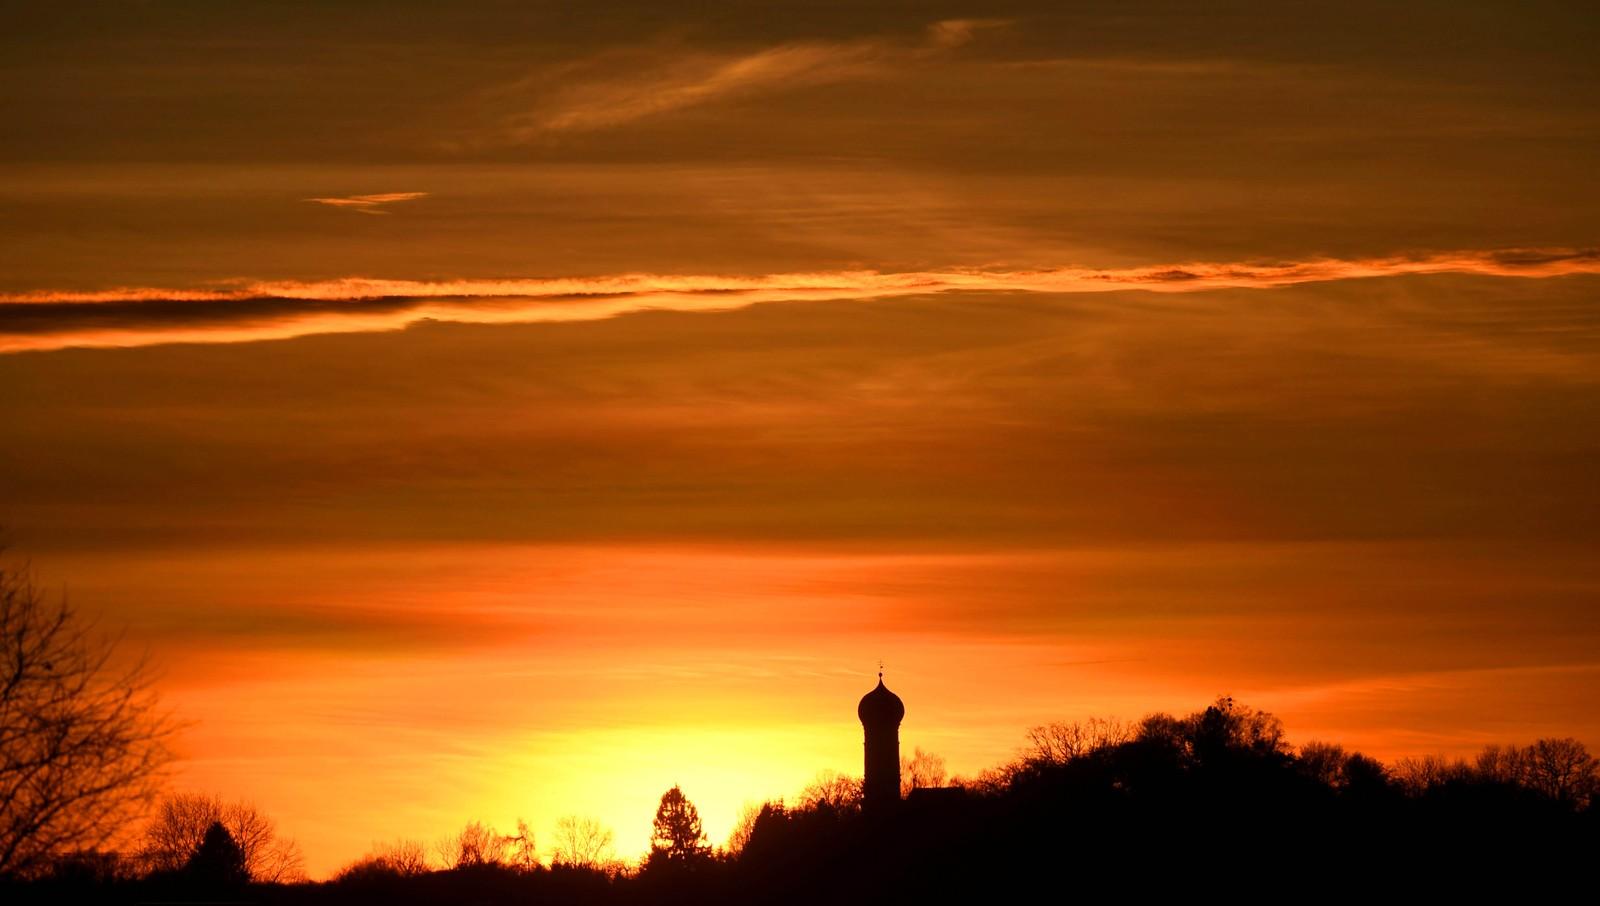 Solnedgang i Puchheim i Tyskland.